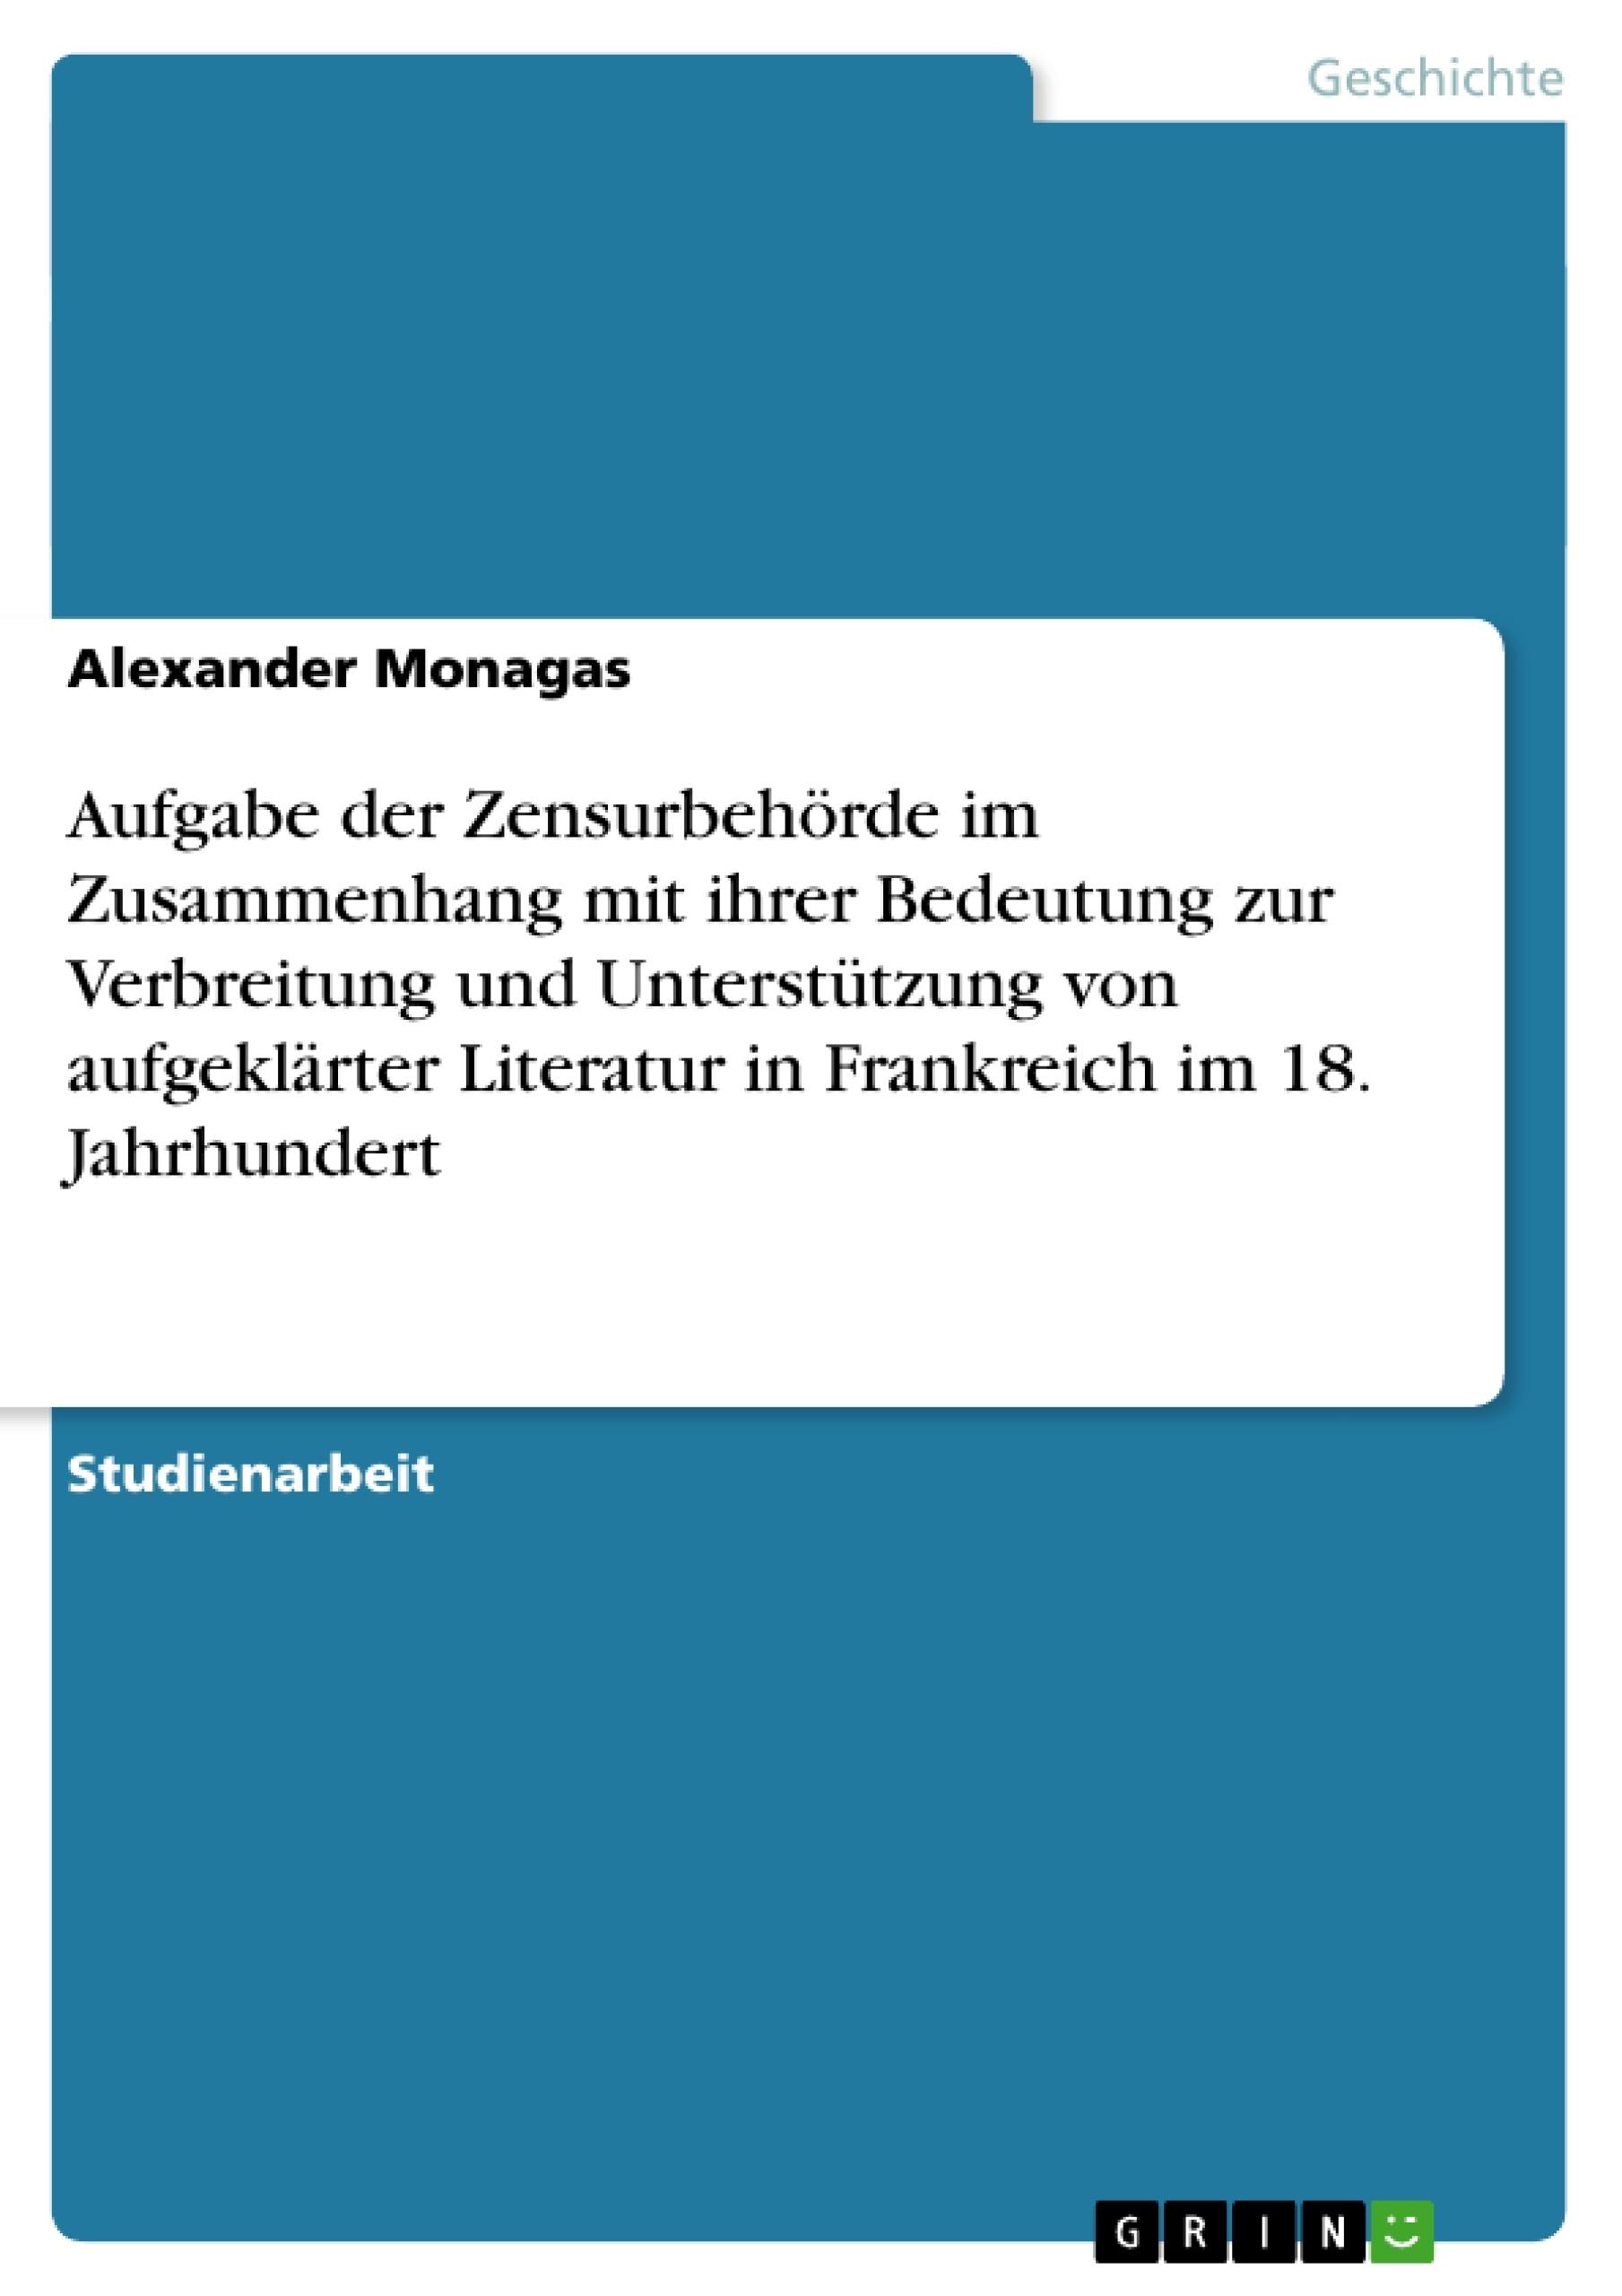 Titel: Aufgabe der Zensurbehörde im Zusammenhang mit ihrer Bedeutung zur Verbreitung und Unterstützung von aufgeklärter Literatur in Frankreich im 18. Jahrhundert